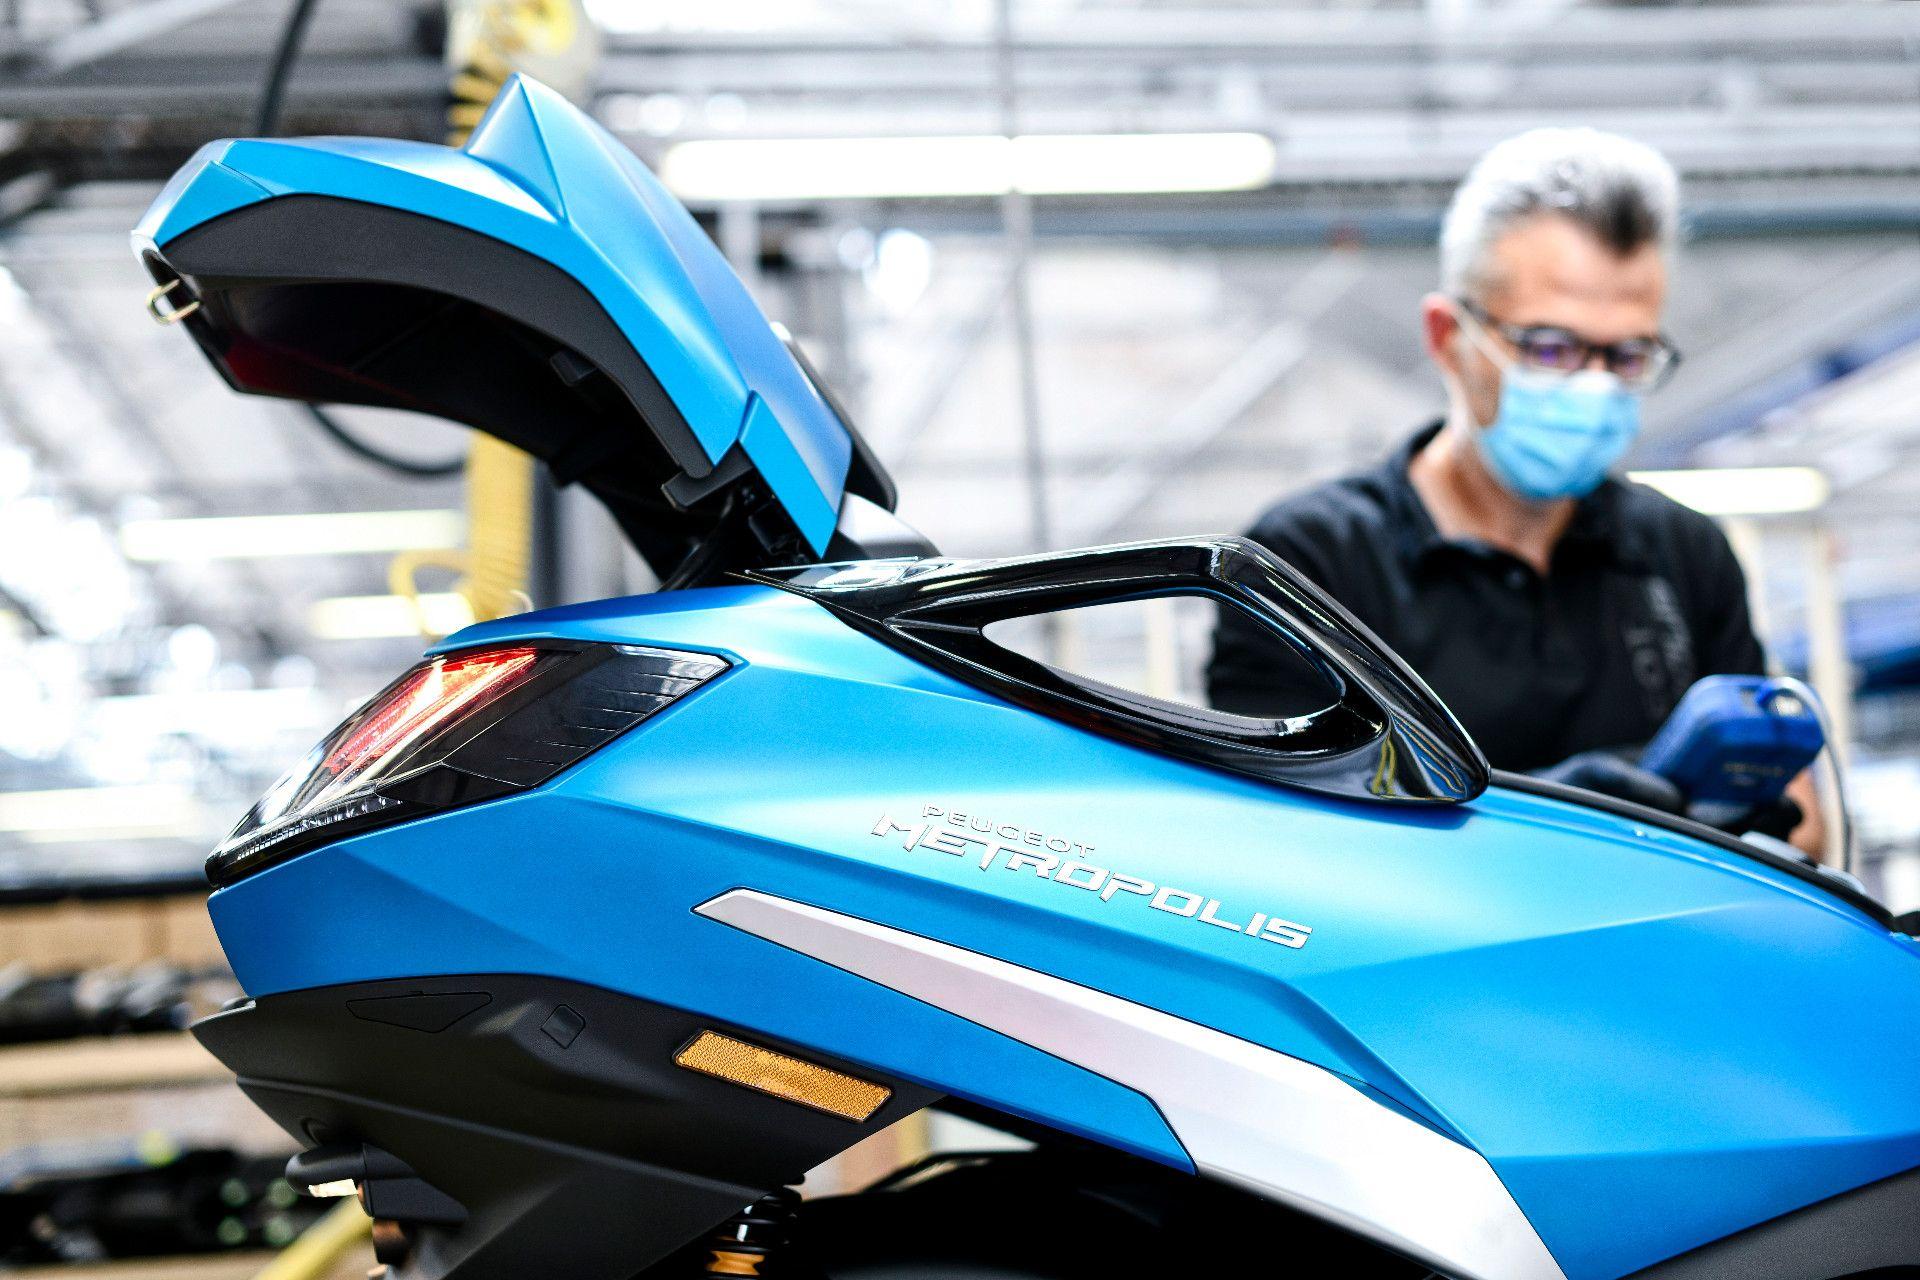 Empieza la producción del Peugeot Metropolis 2020 en Mandeure